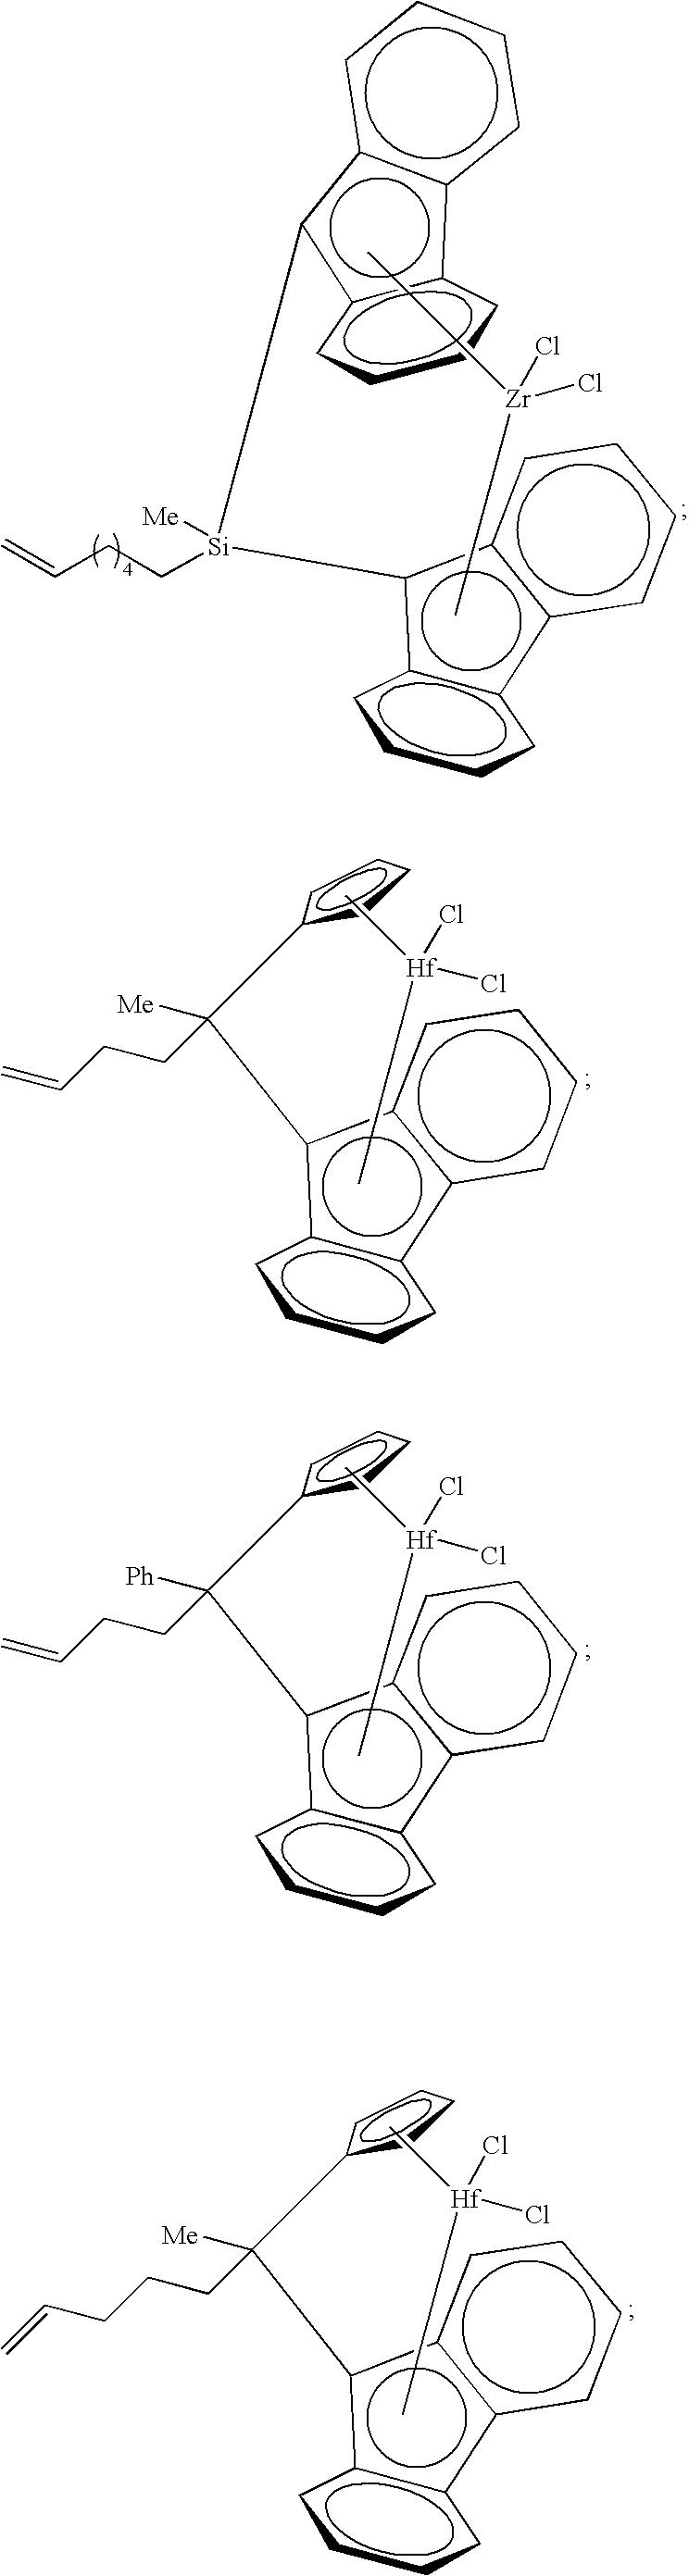 Figure US20100076167A1-20100325-C00010